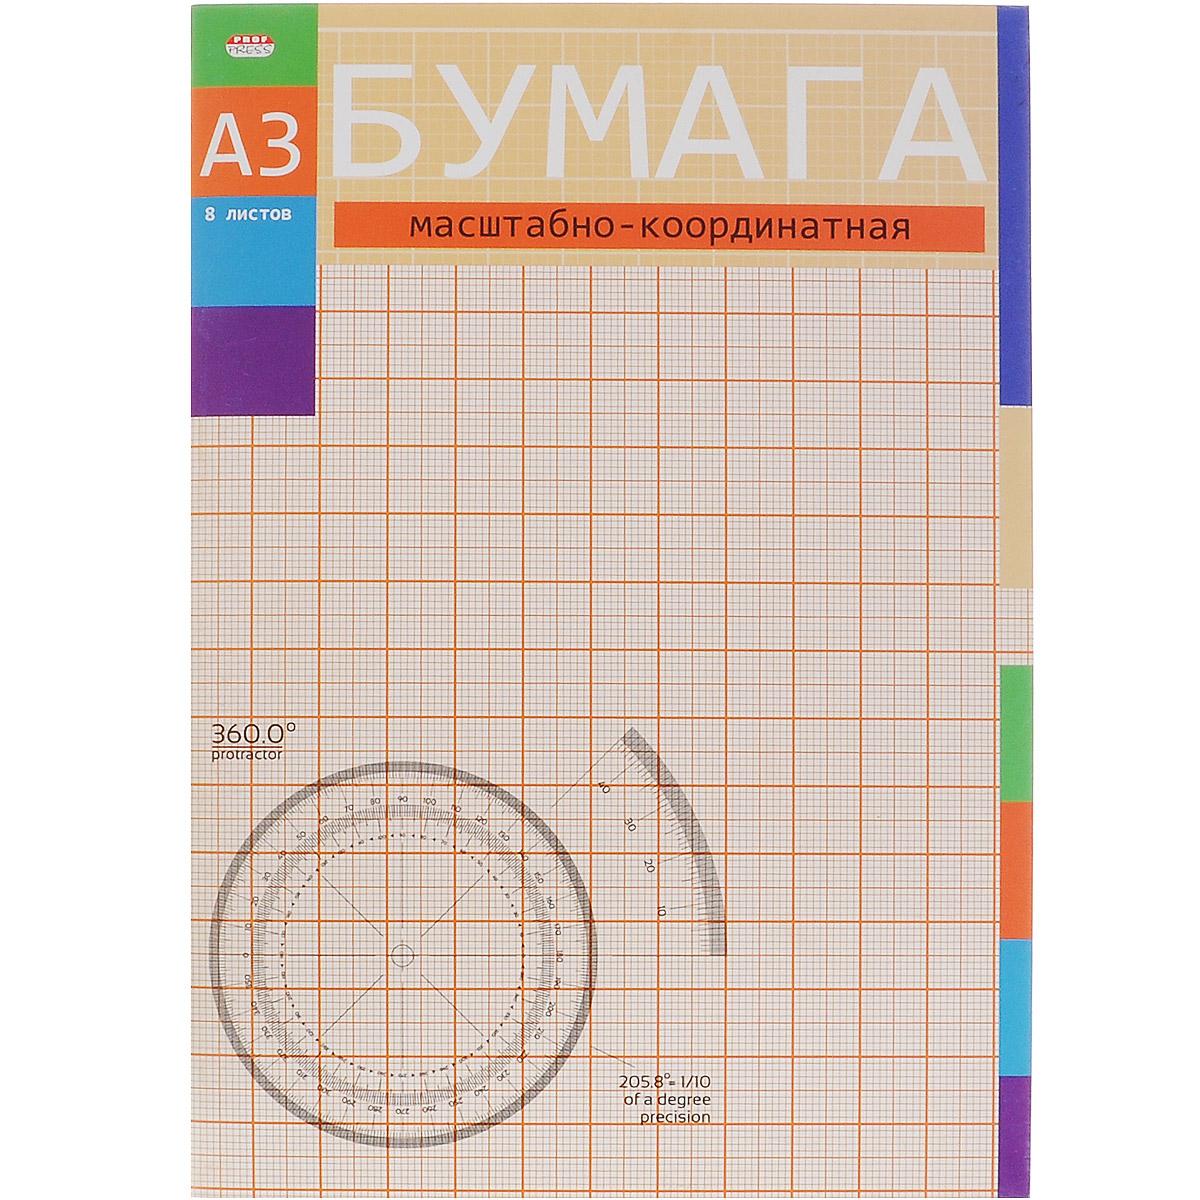 Бумага масштабно-координатная Проф-Пресс, цвет: оранжевый, 8 листов, формат А308-3153Бумага масштабно-координатная Проф-Пресс предназначена для выполнения различного рода чертежно-графических работ, создания различных схем и графиков.Листы оформлены белыми полями. Способ крепления: скрепки.Подойдет как для учащихся школы, так и для высших учебных заведений архитектурного, строительного и других профилей.Рекомендуемый возраст: 6+.